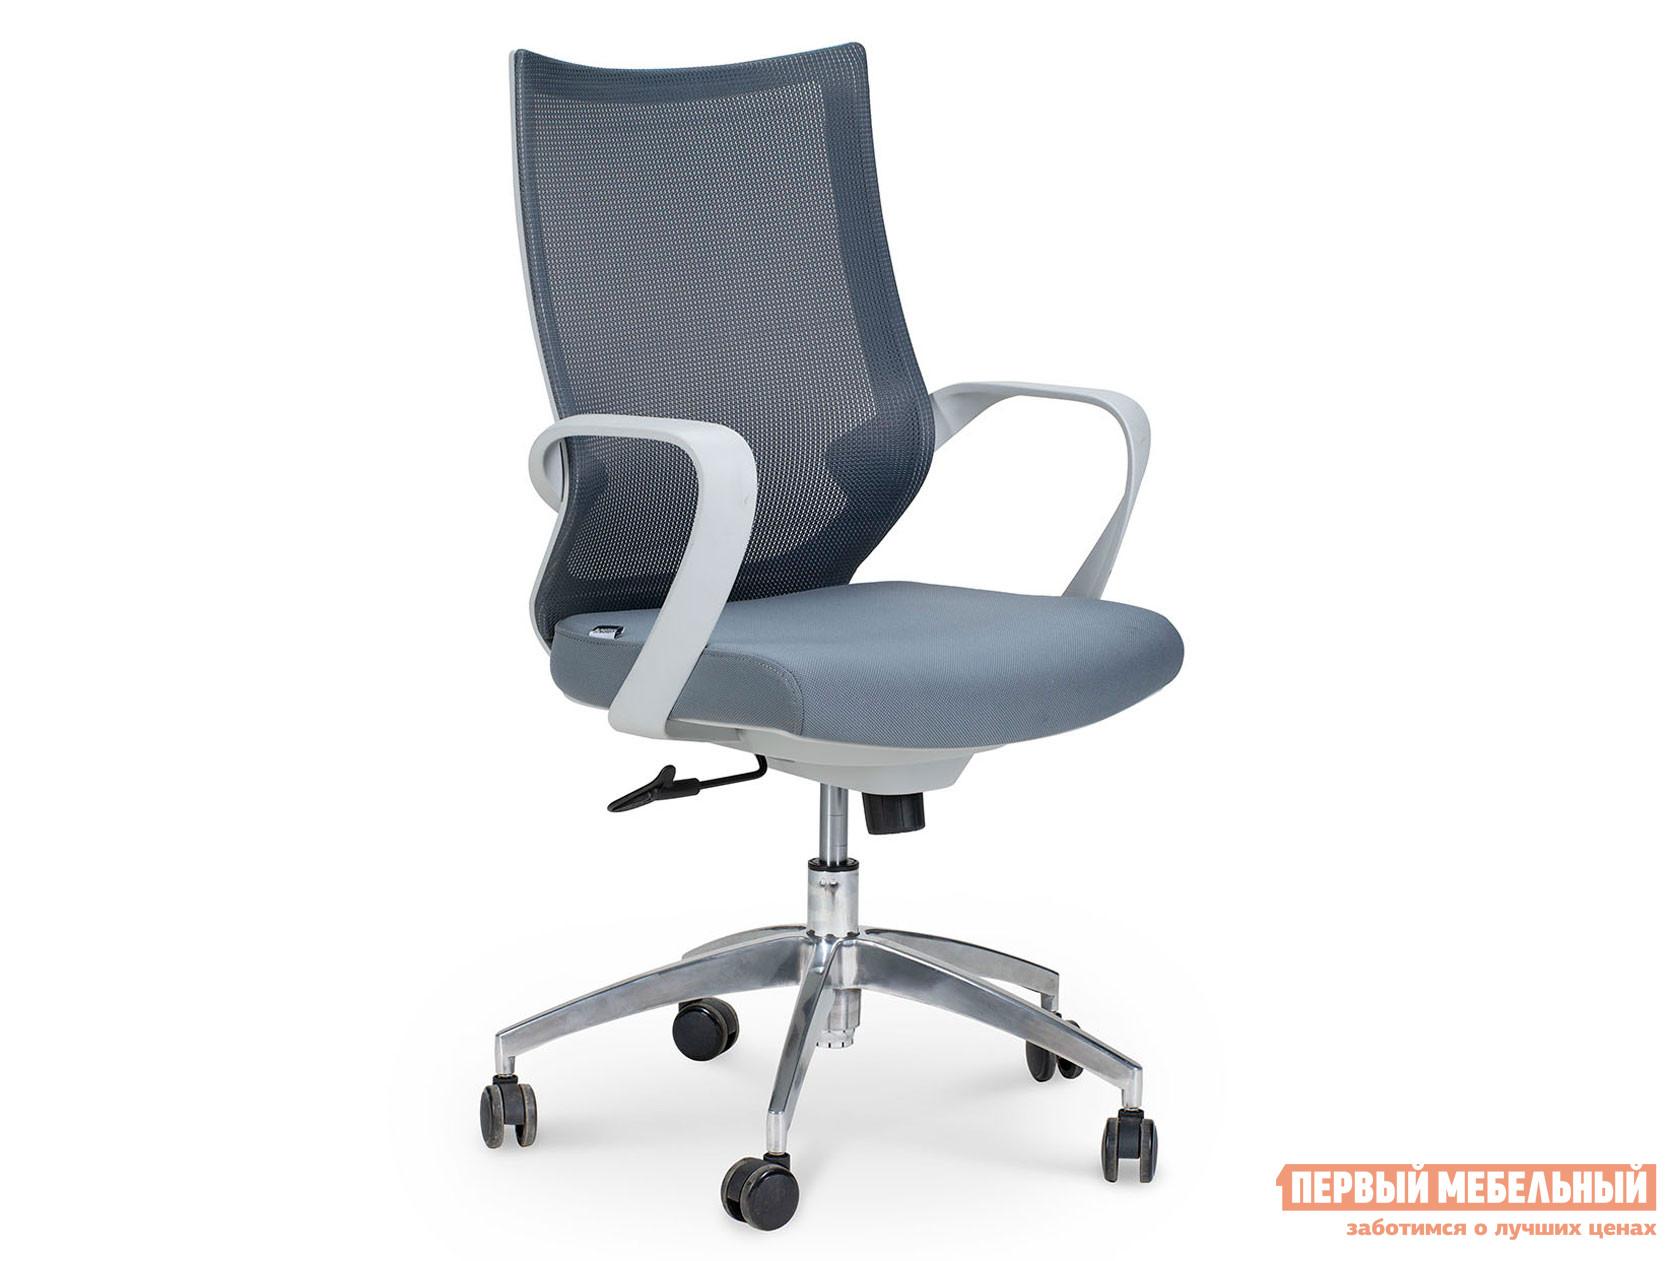 Офисное кресло  Кресло CH-193B Серый, сетка / Серый, ткань